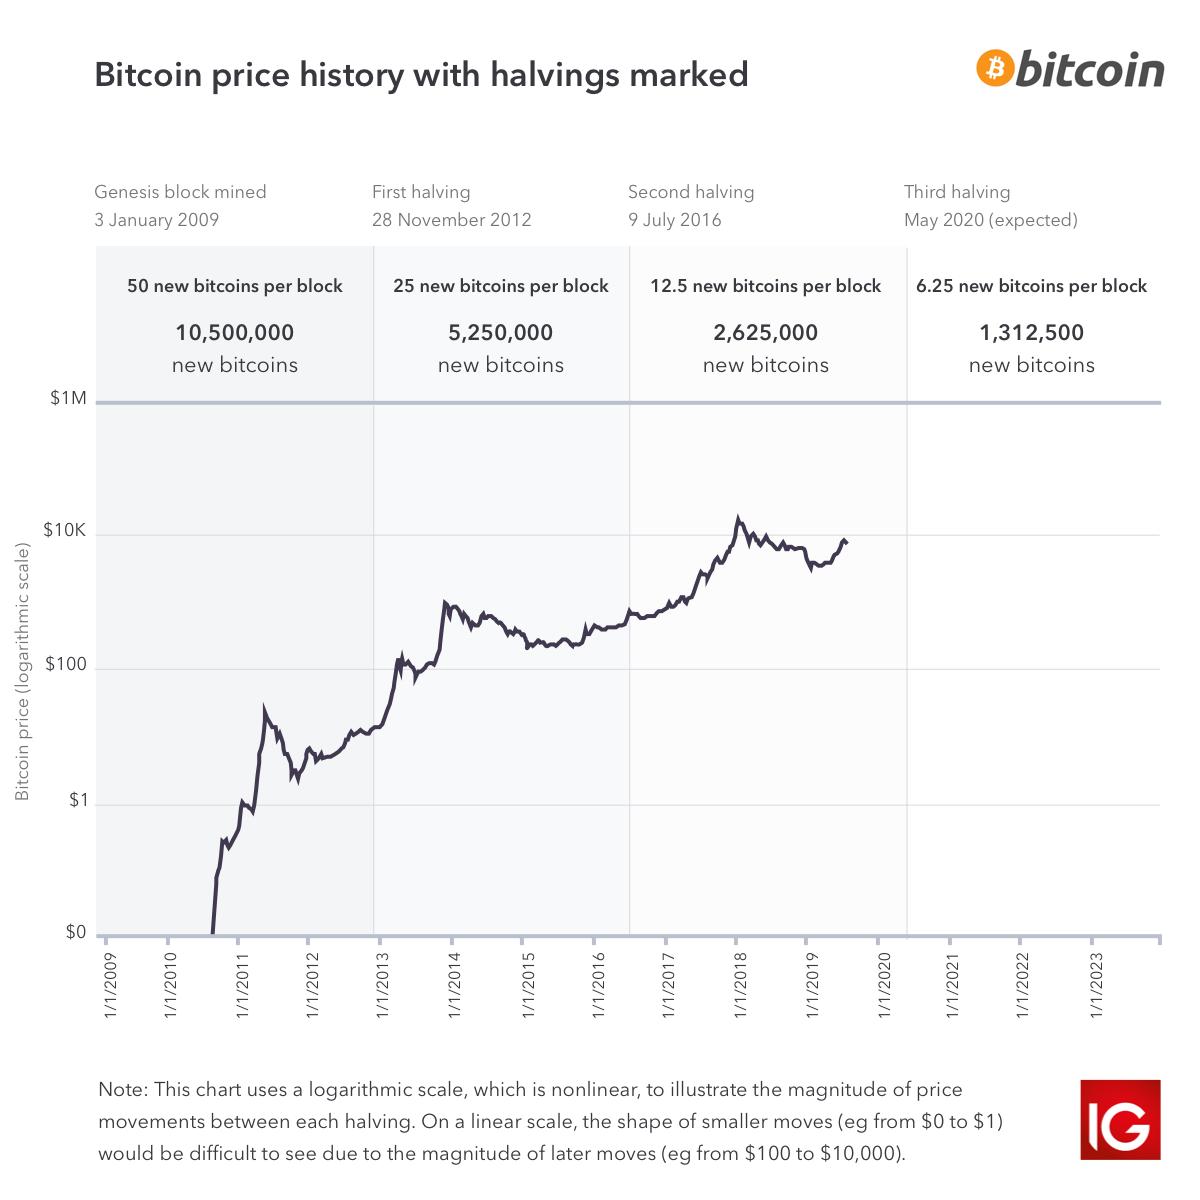 bitkoinai kas tai dvejetainis variantas mudah